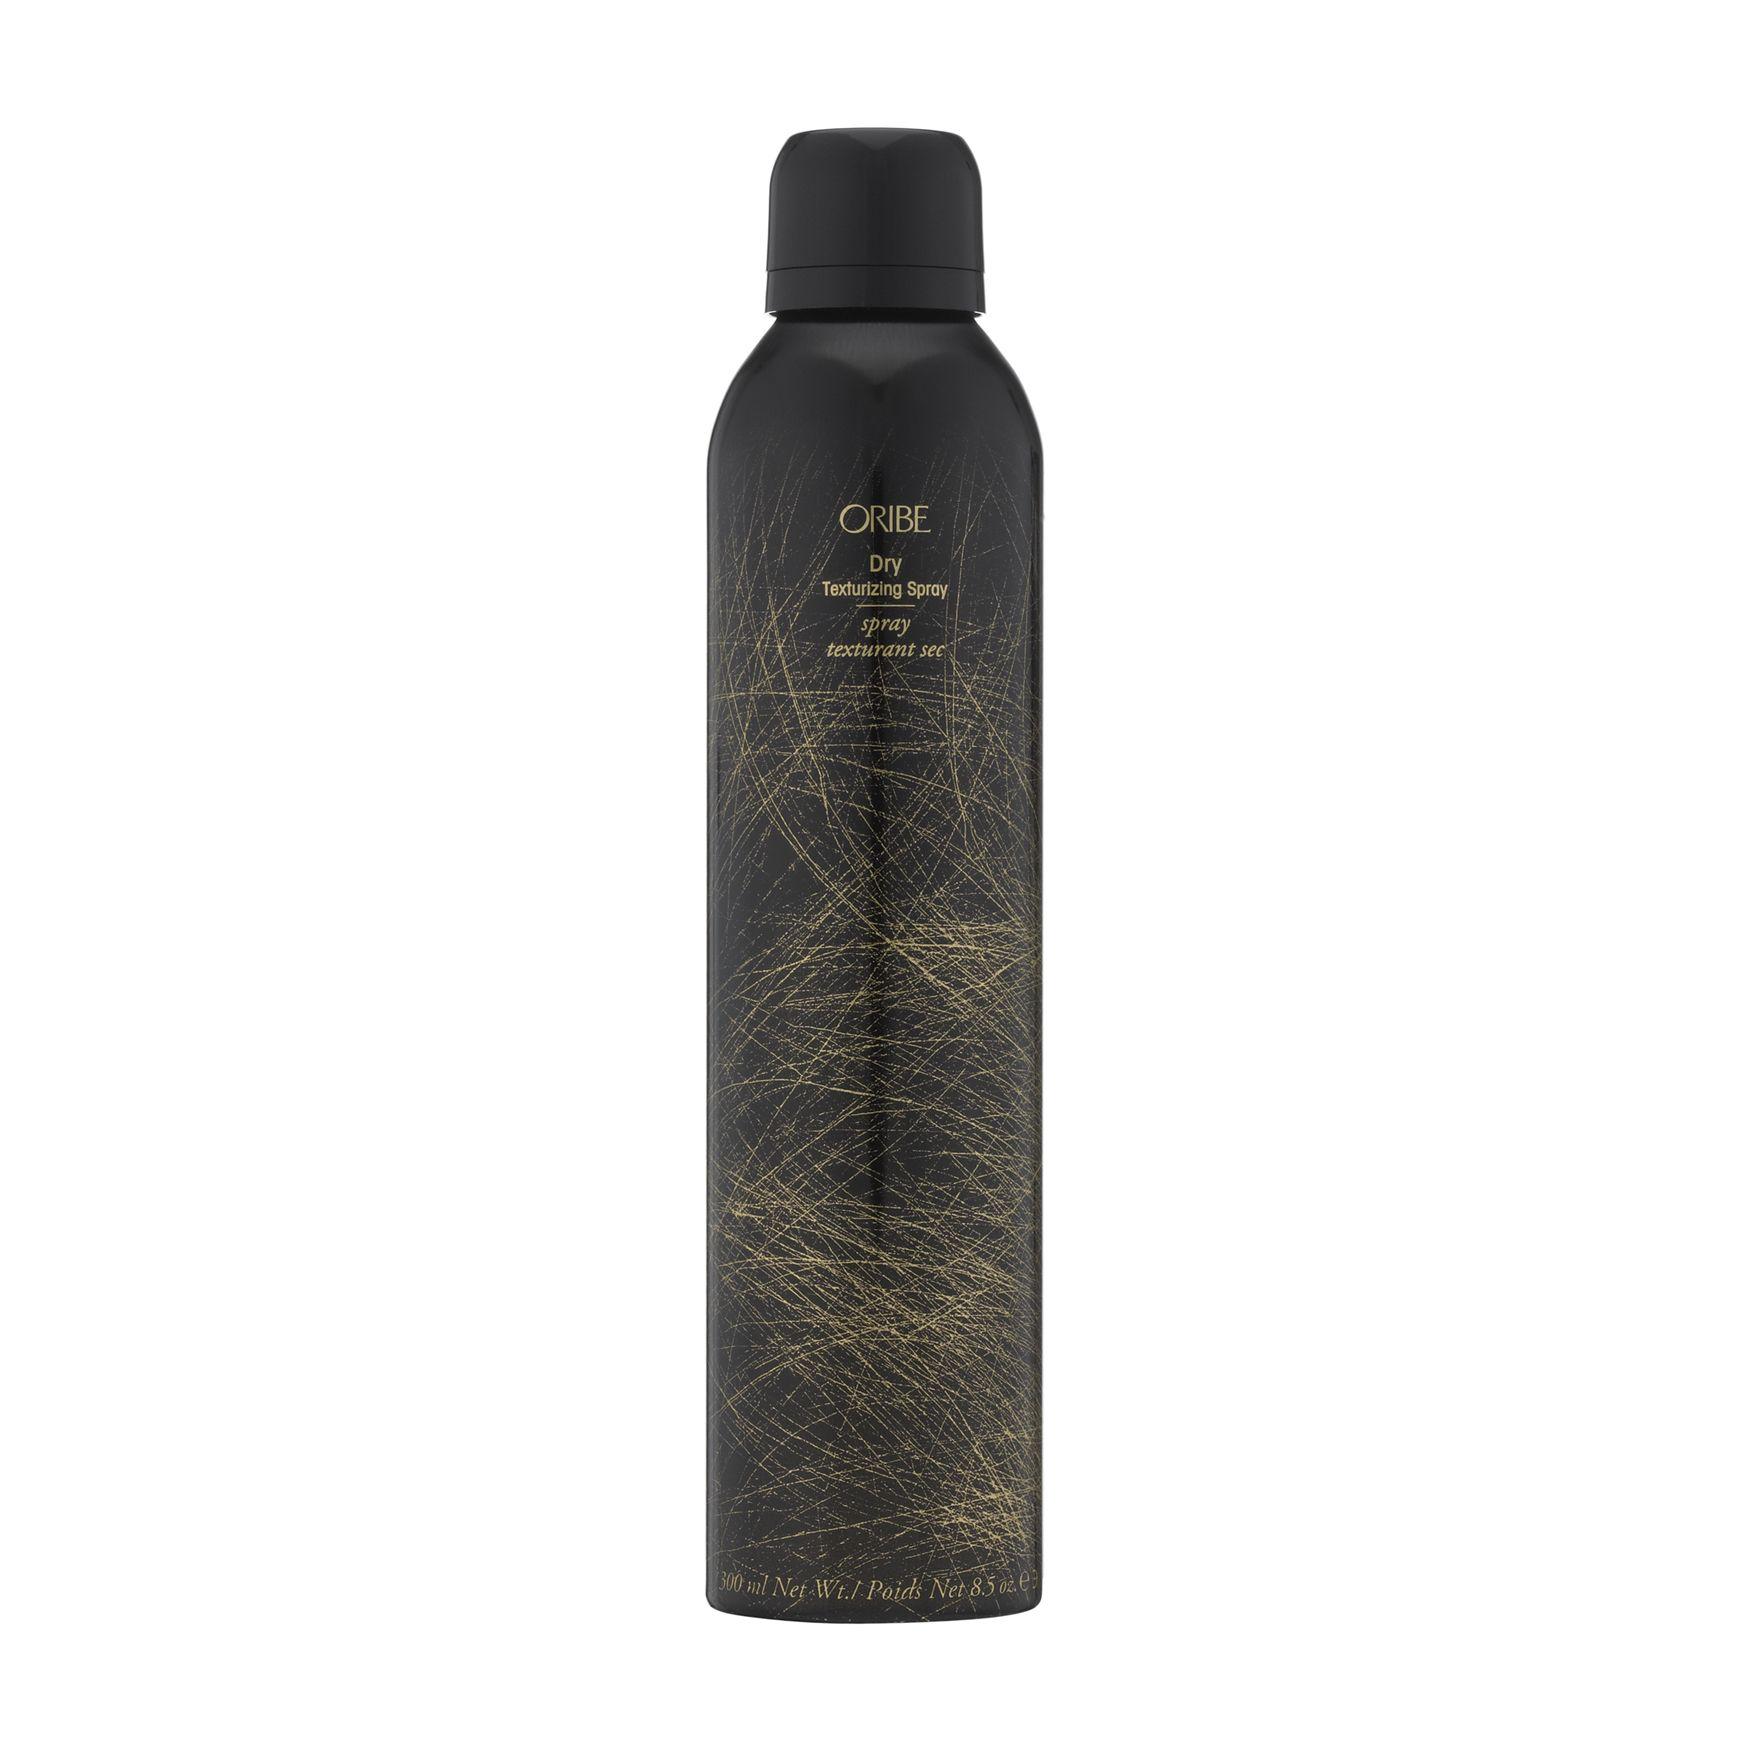 Dry Texturizing Spray Oribe